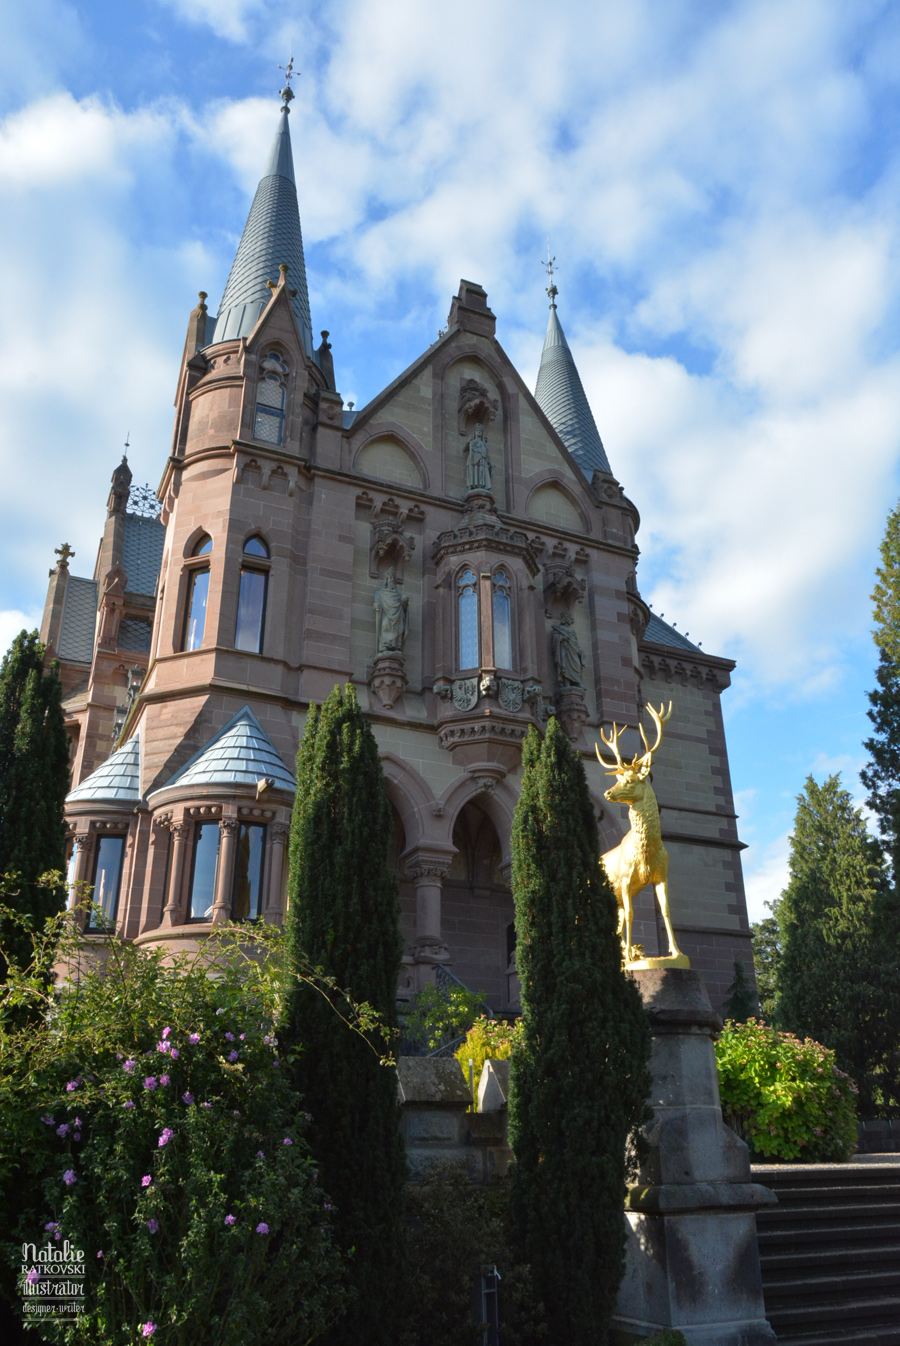 Castle Drachenburg